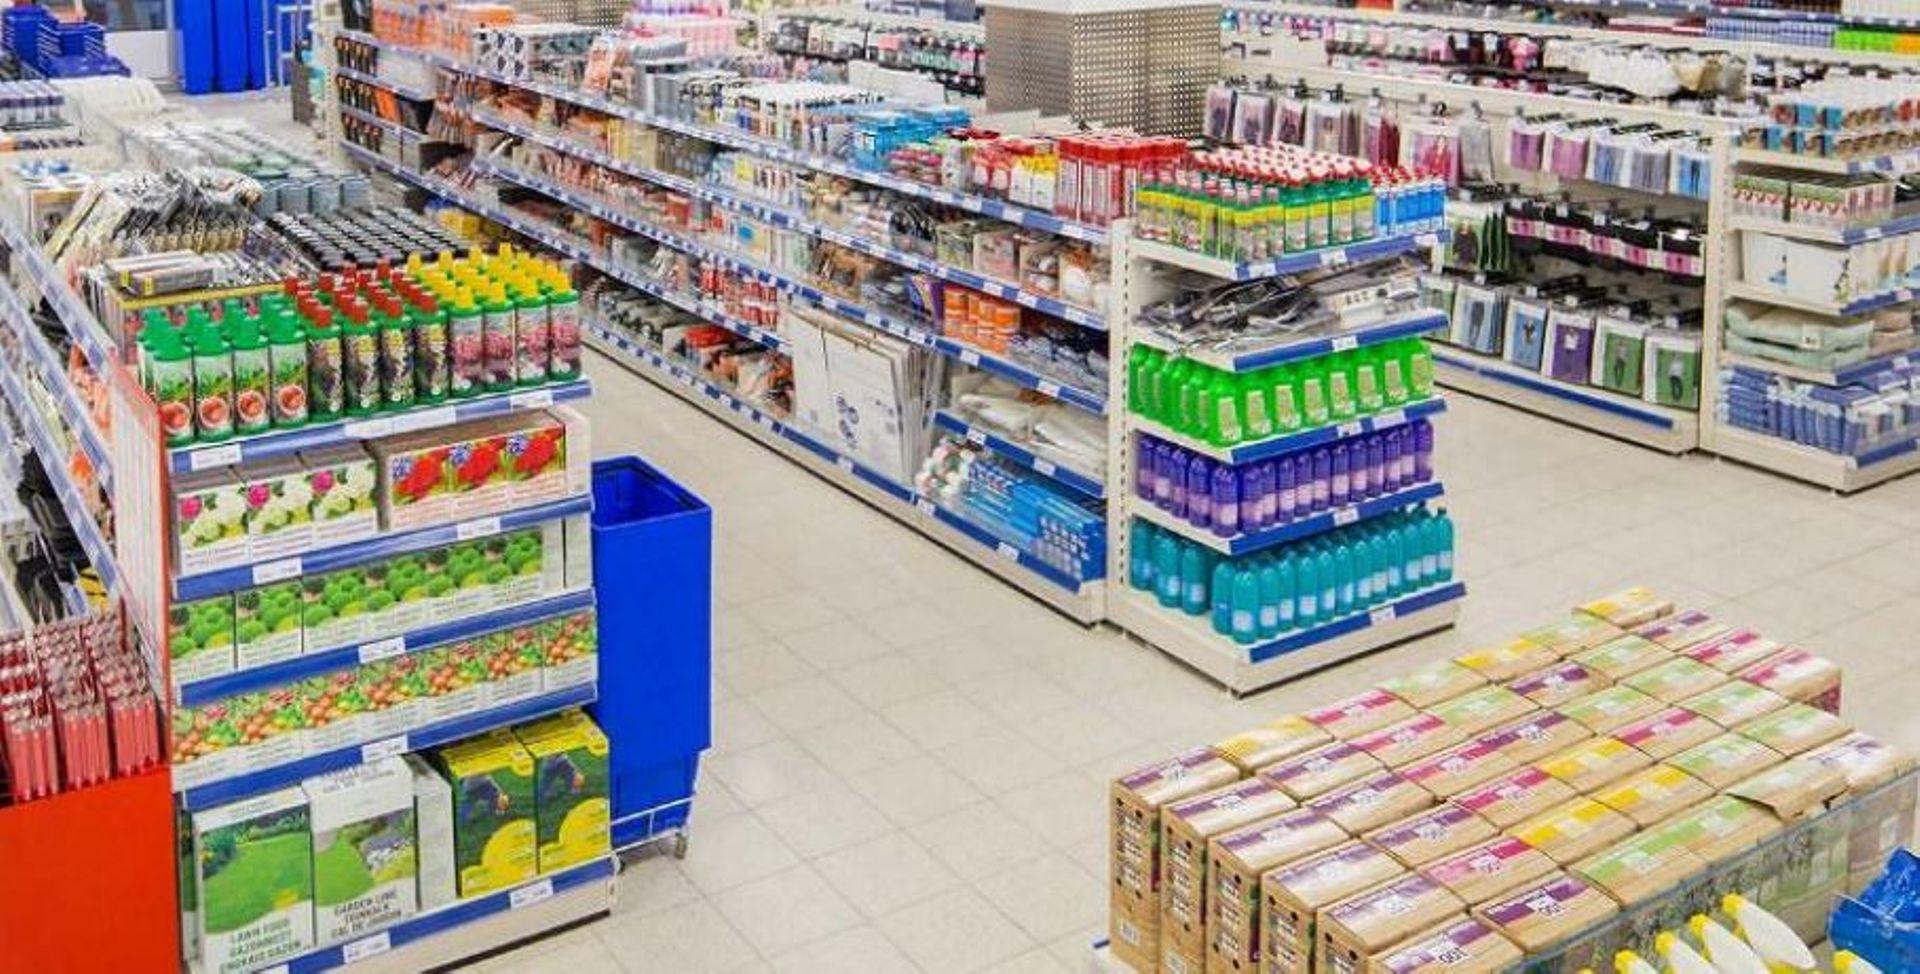 Sieć marketów niespożywczych Action otworzyła pierwszy sklep w Warszawie